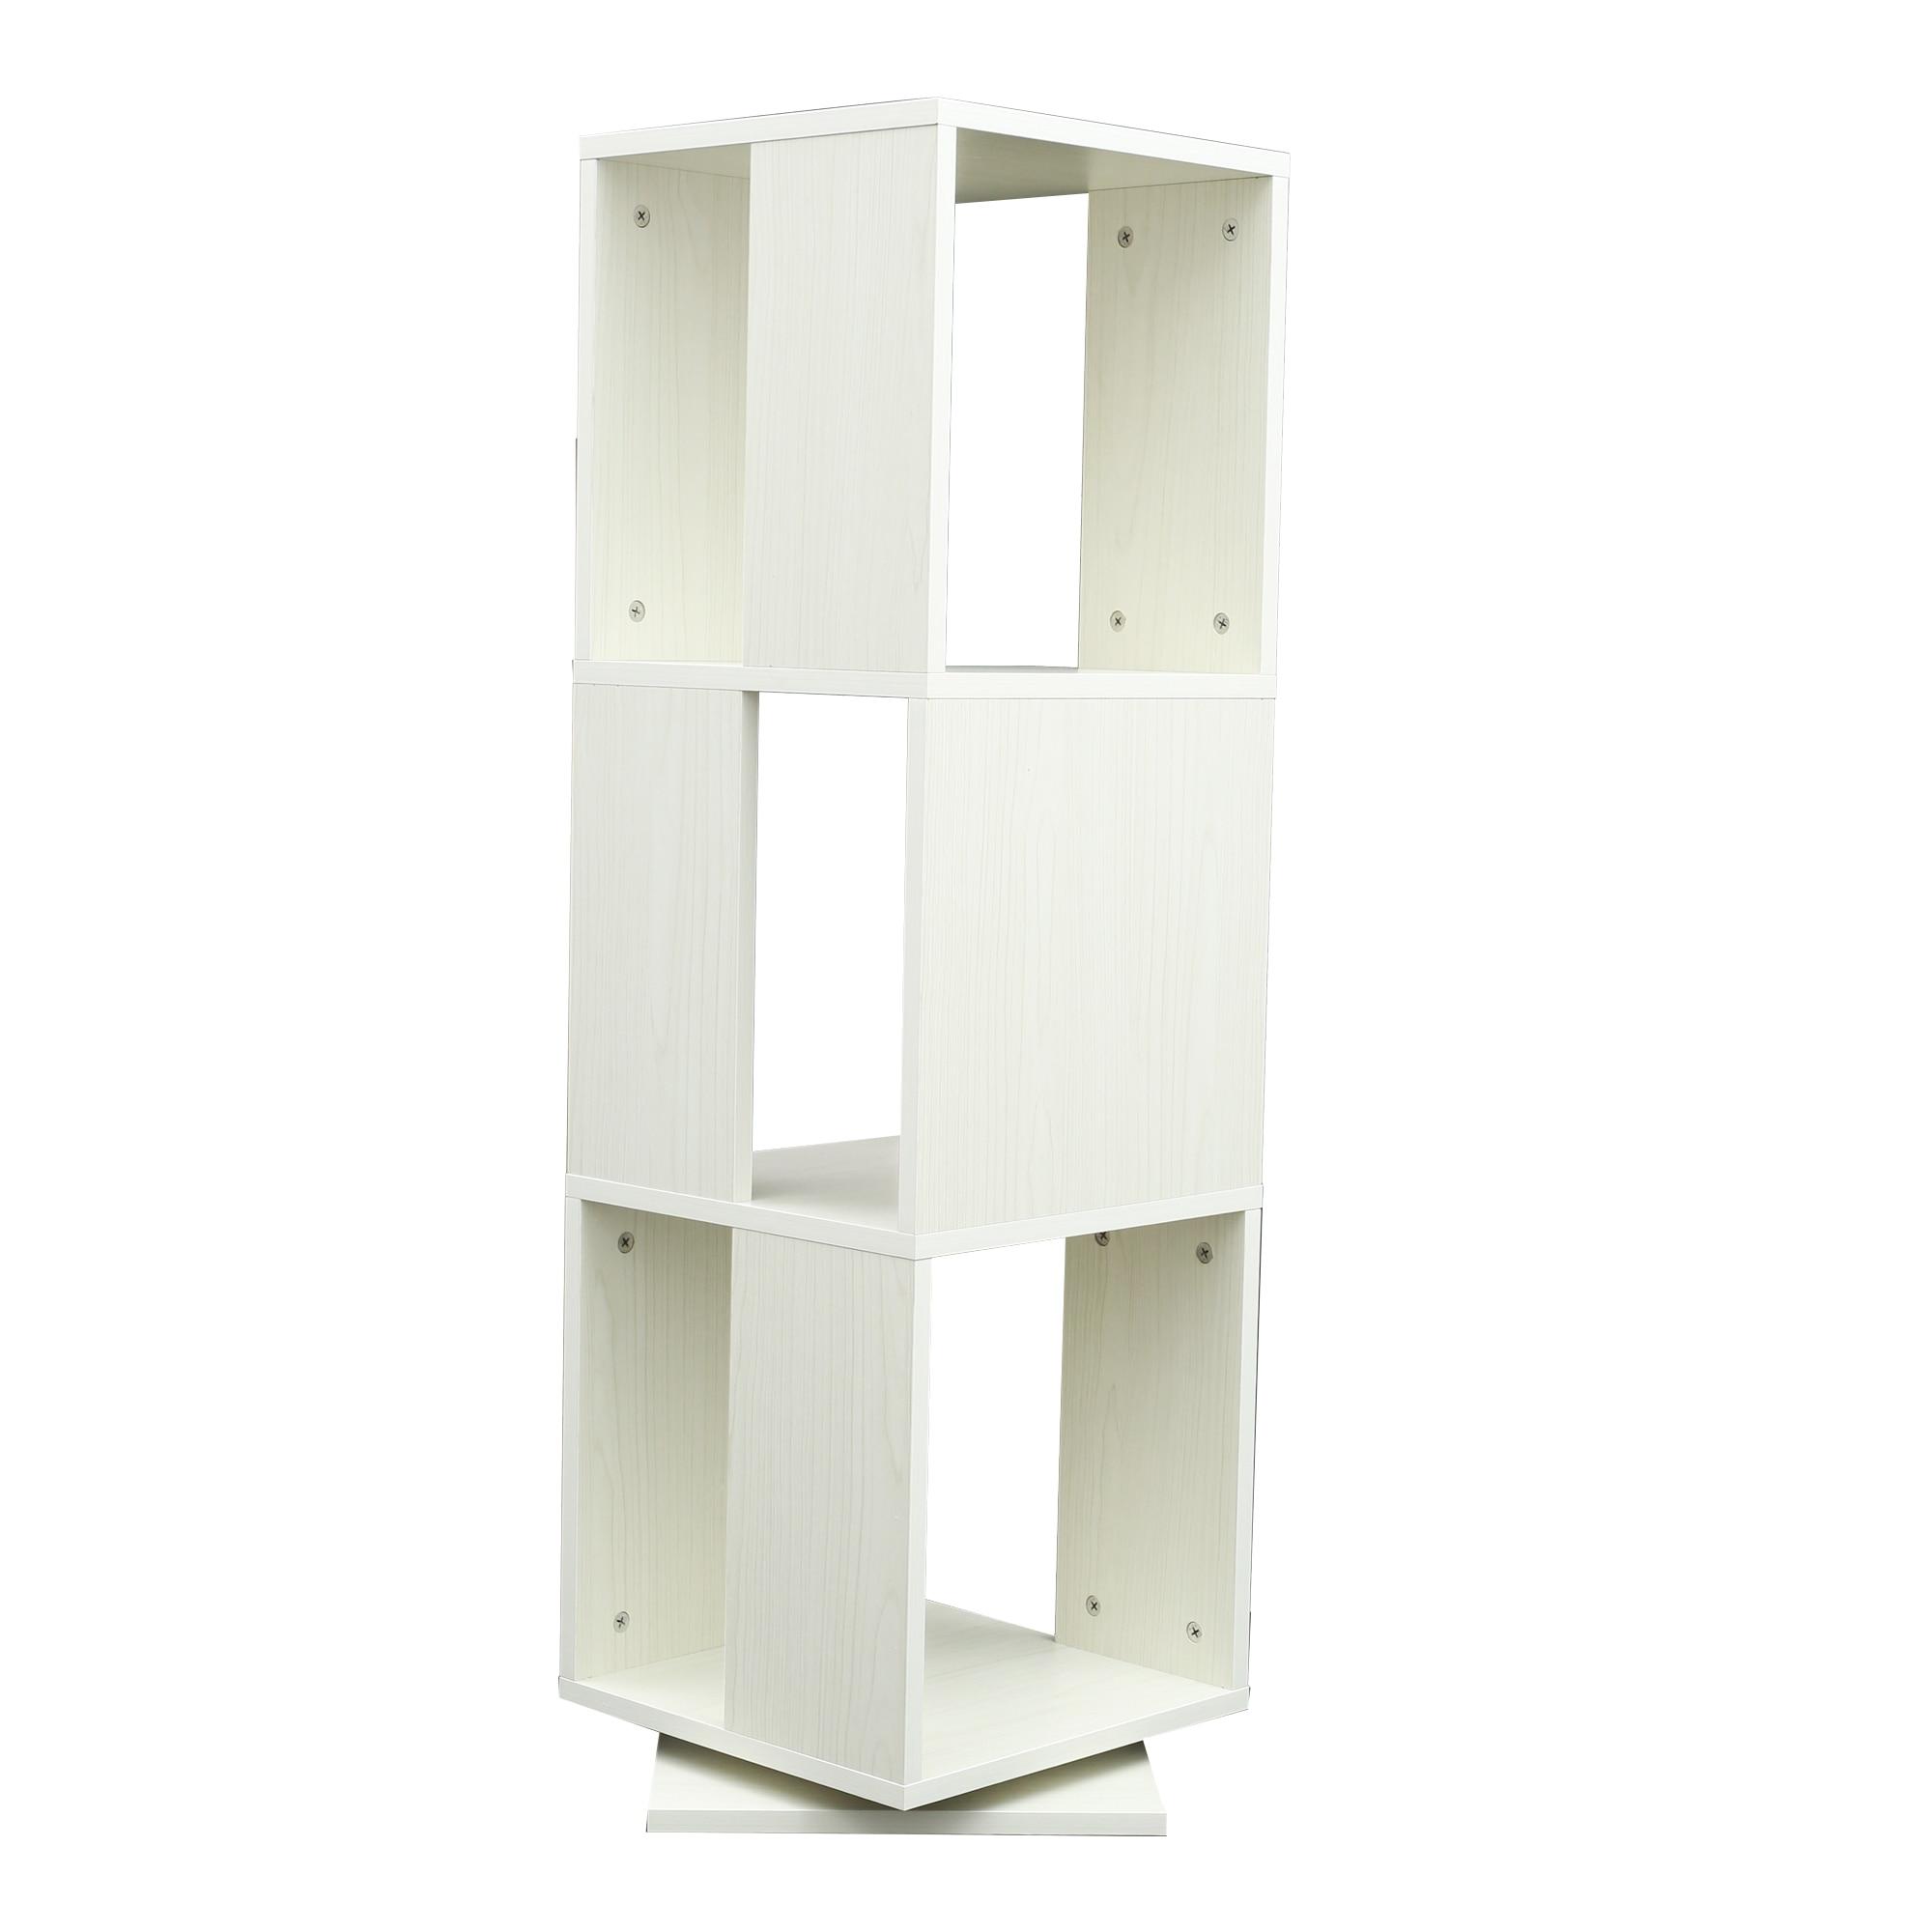 3 الطبقة خزانة خشبية الزاوية رف كتب طويل القامة الحديثة 360 درجة الدورية رف عرض المخزون الطابق الدائمة الجرف ث/فتح تصميم الأبيض